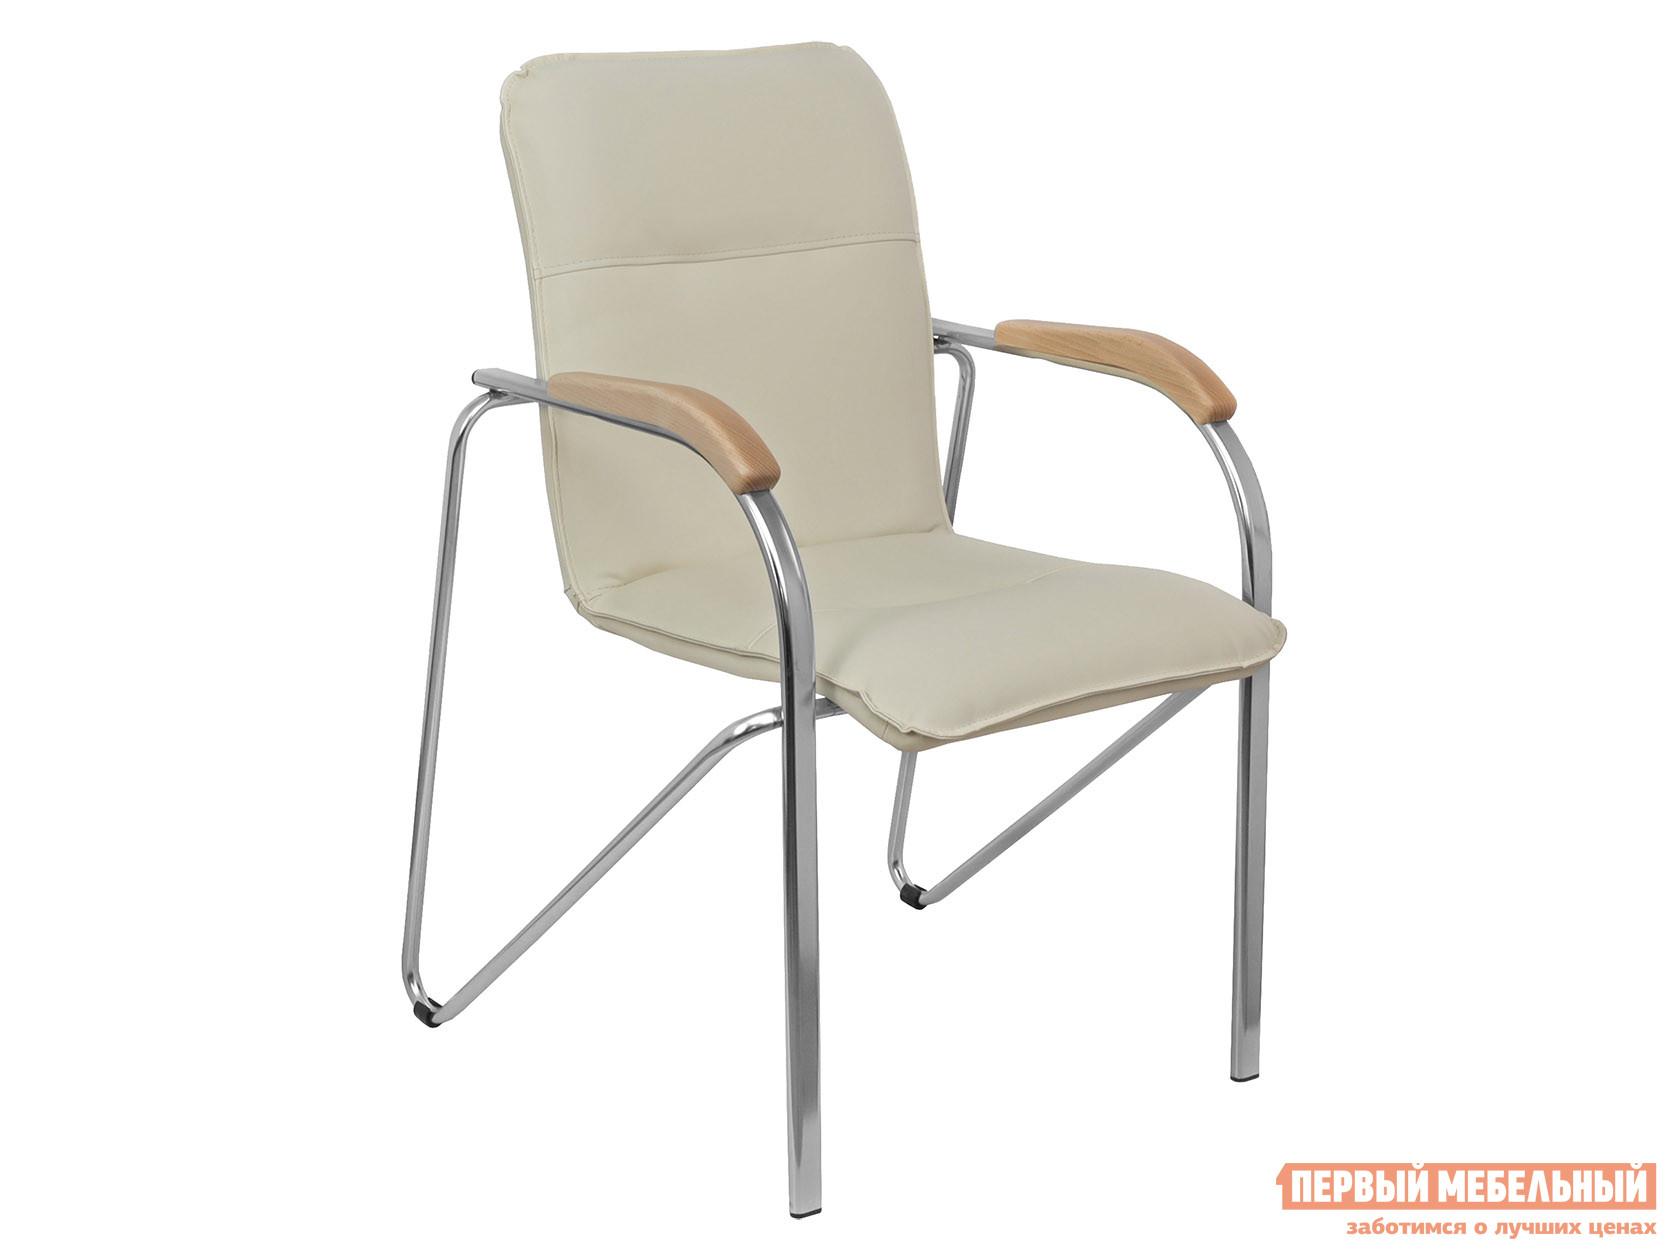 Офисный стул  SAMBA AKS-1 Кремовый, экокожа, Деревянные Базистрейд 137648